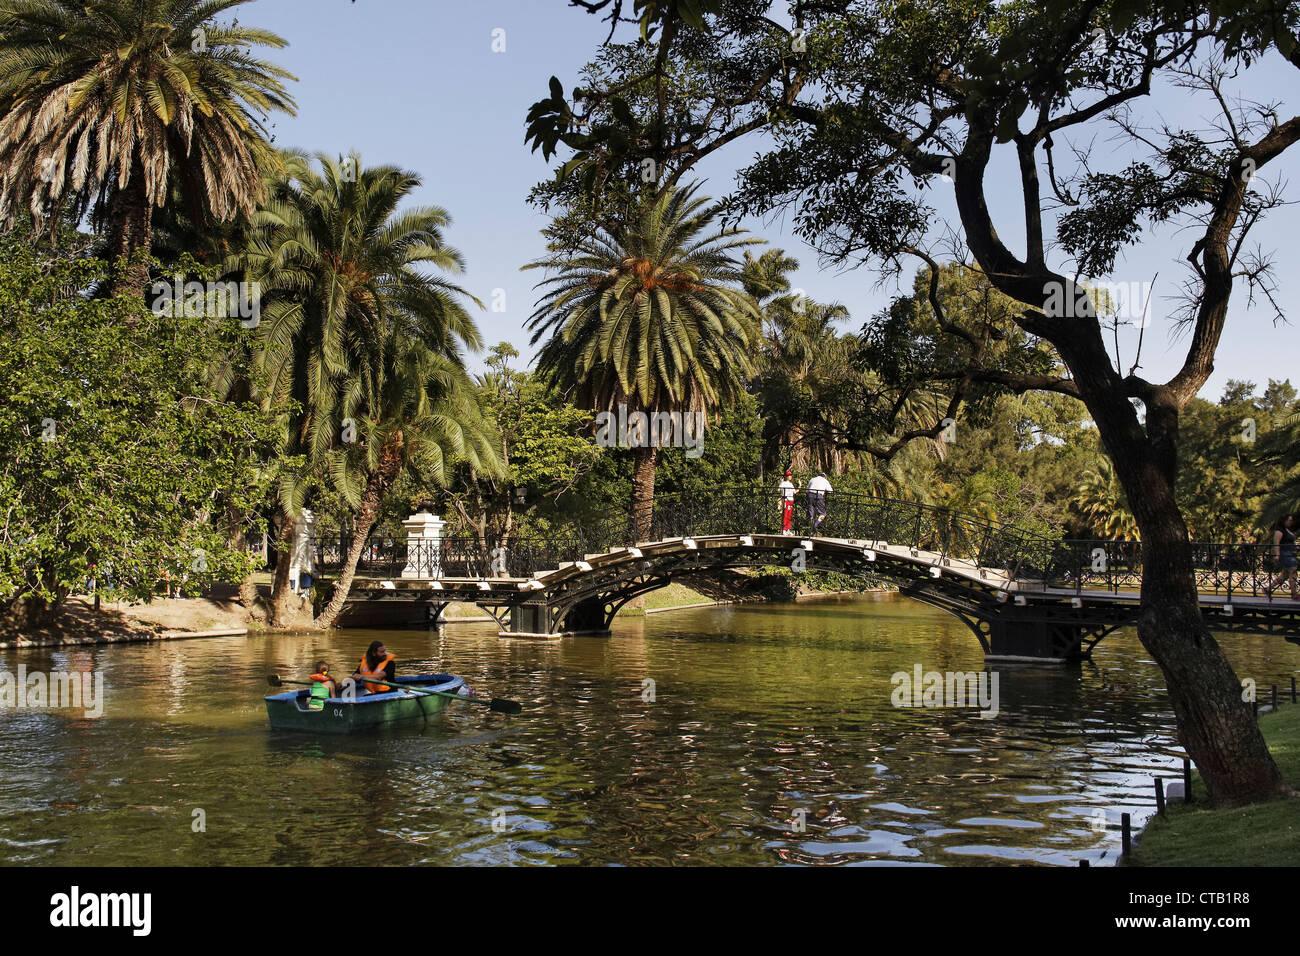 Parque Tres de Febrero, rowing boat on the channel, Bosque de Palermo, Buenos Aires, Argentina - Stock Image